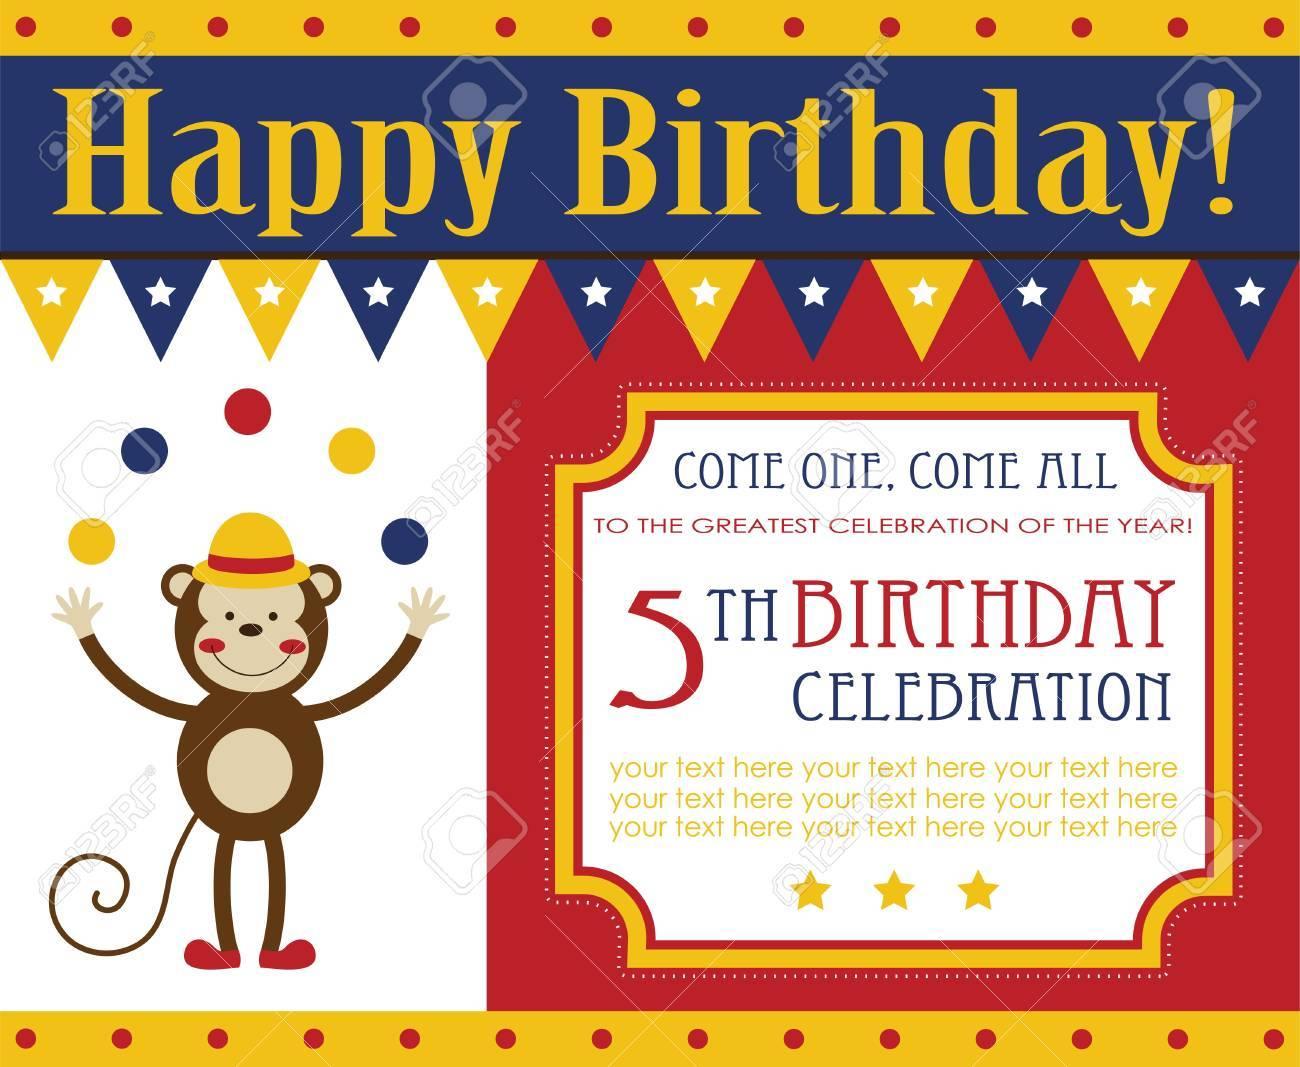 Diseño De Tarjeta De Invitación De Cumpleaños Para Niños Ilustración Vectorial